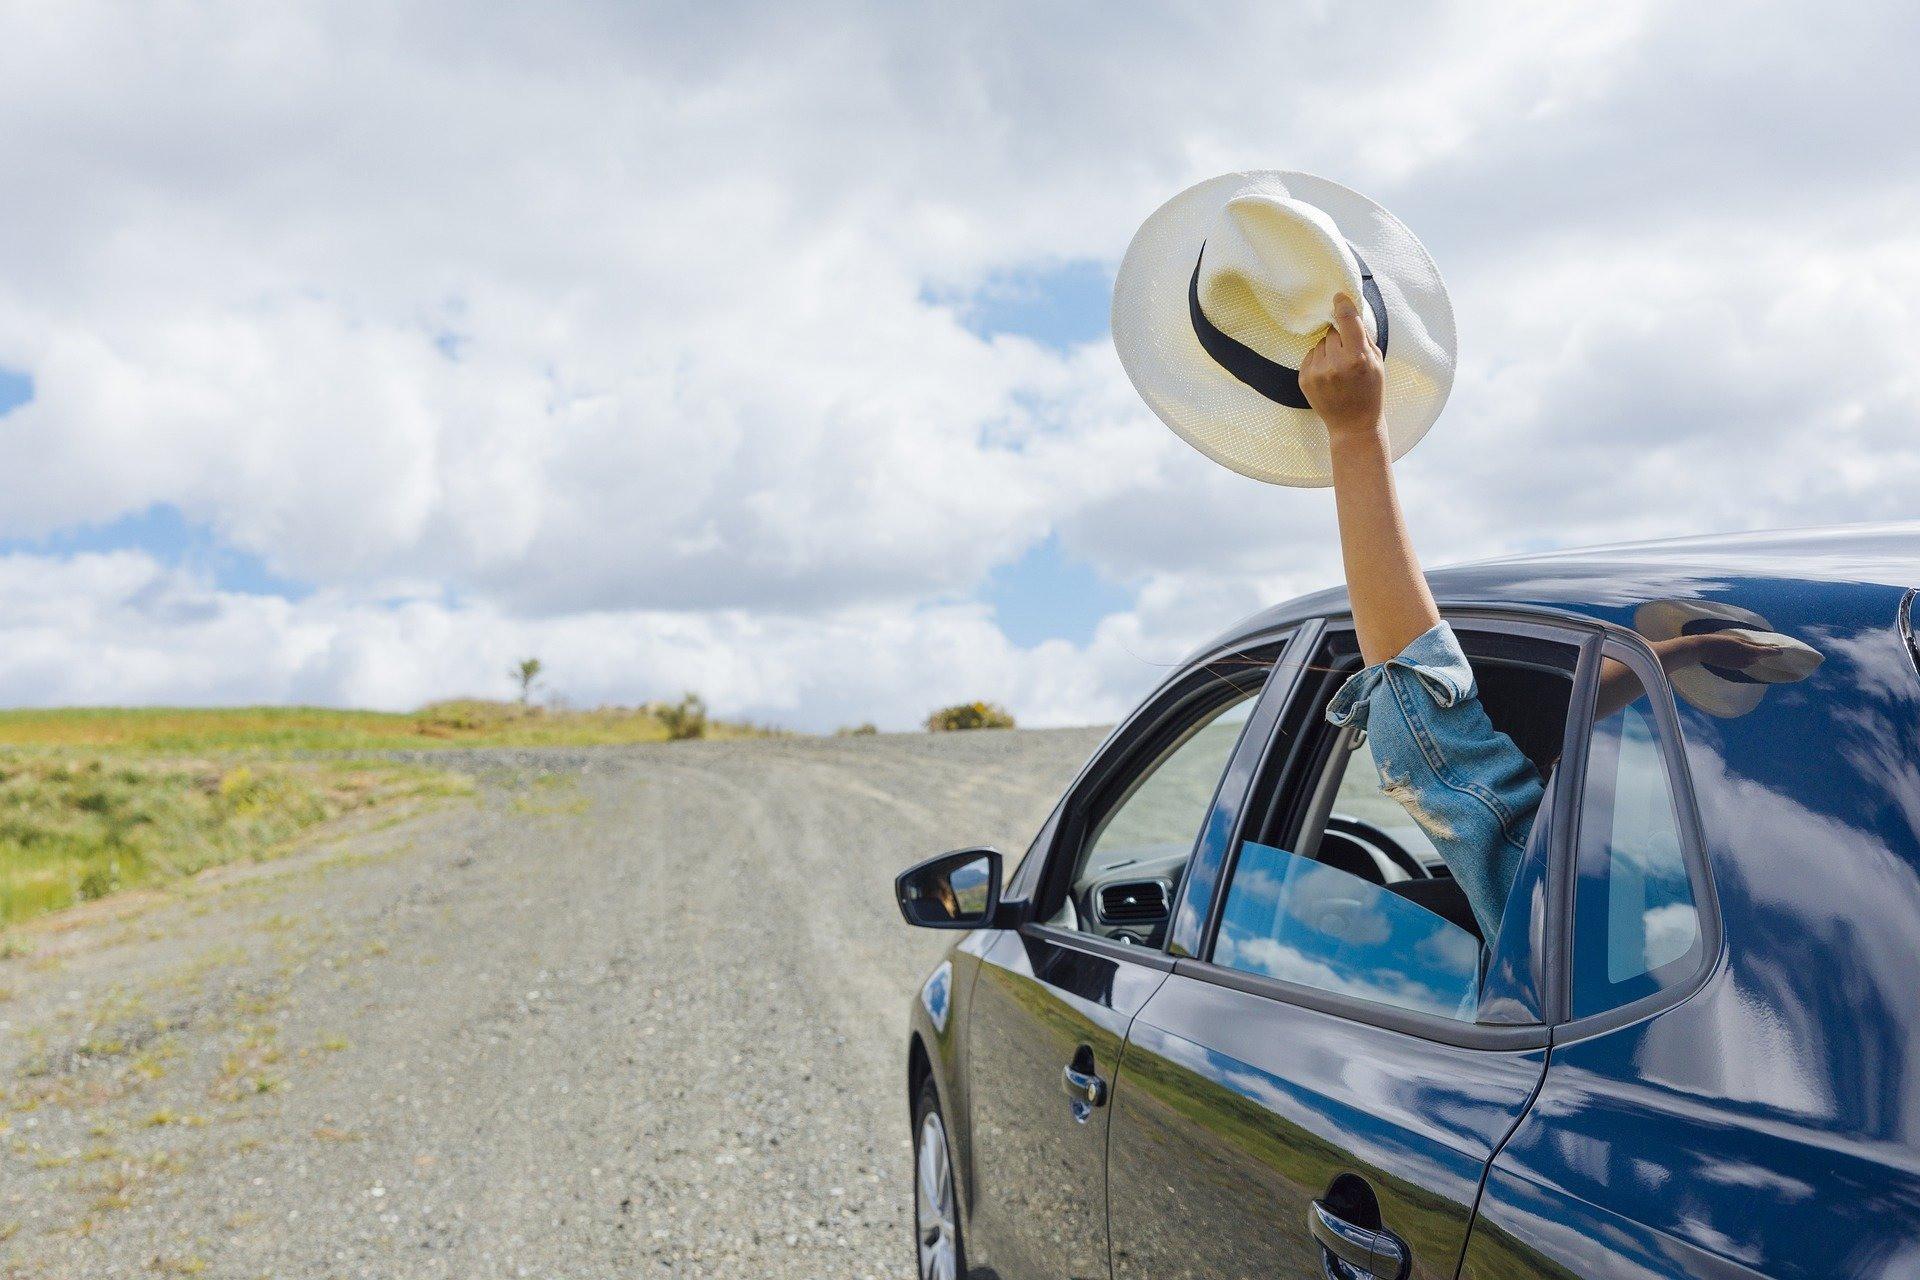 Ubezpieczenie samochodu na wyjazd, samochód, kapelusz